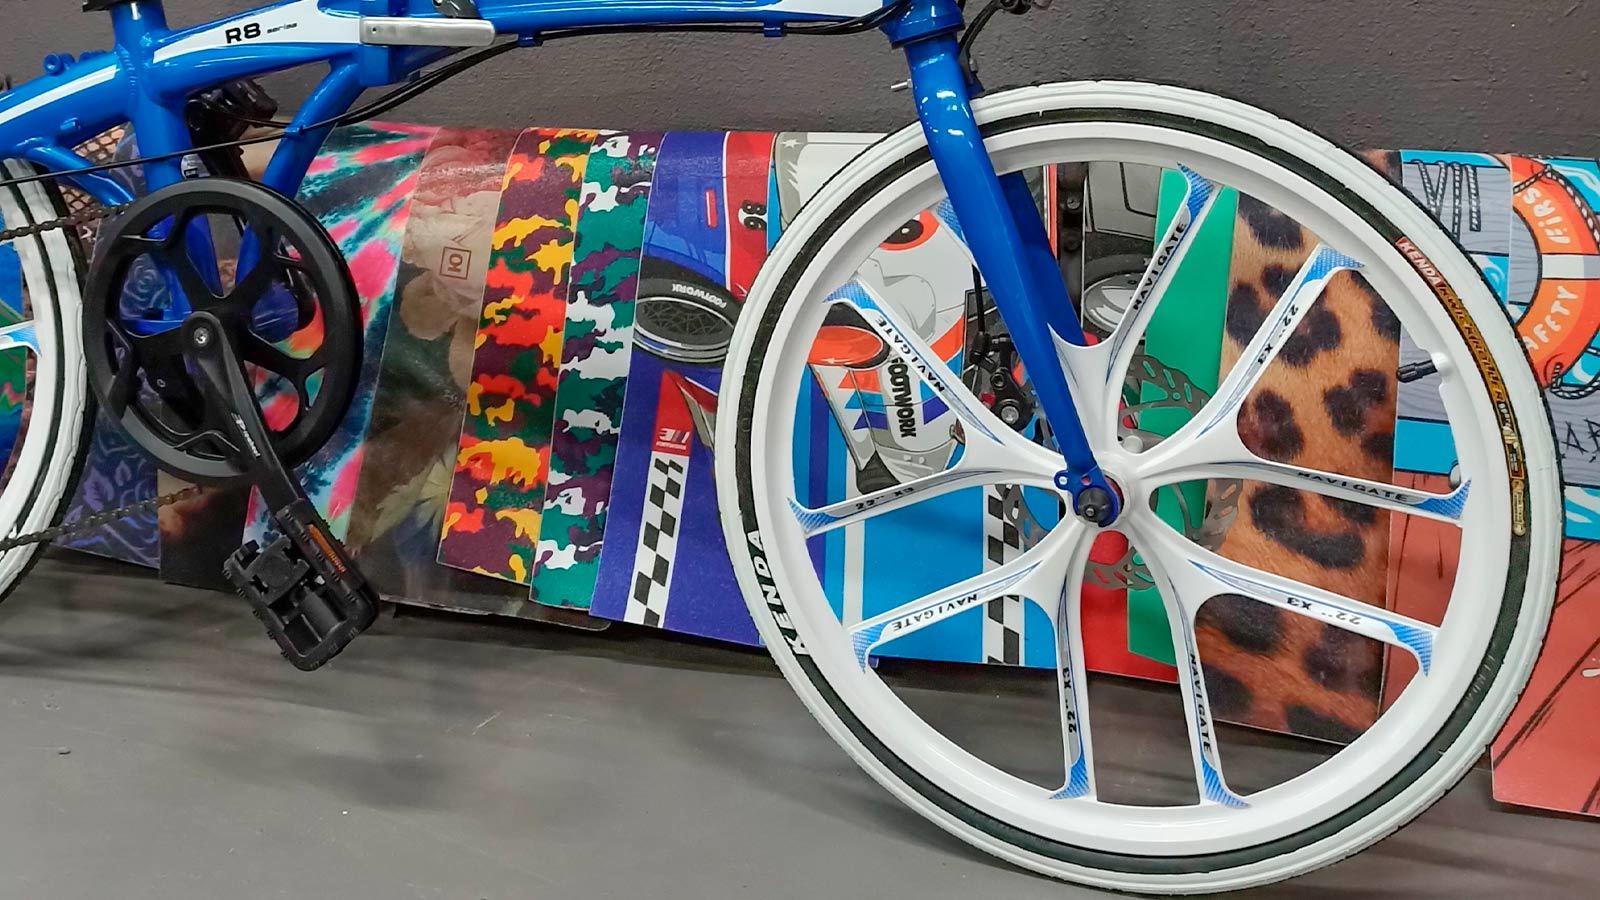 переднее колесо литьё городской велосипед складной